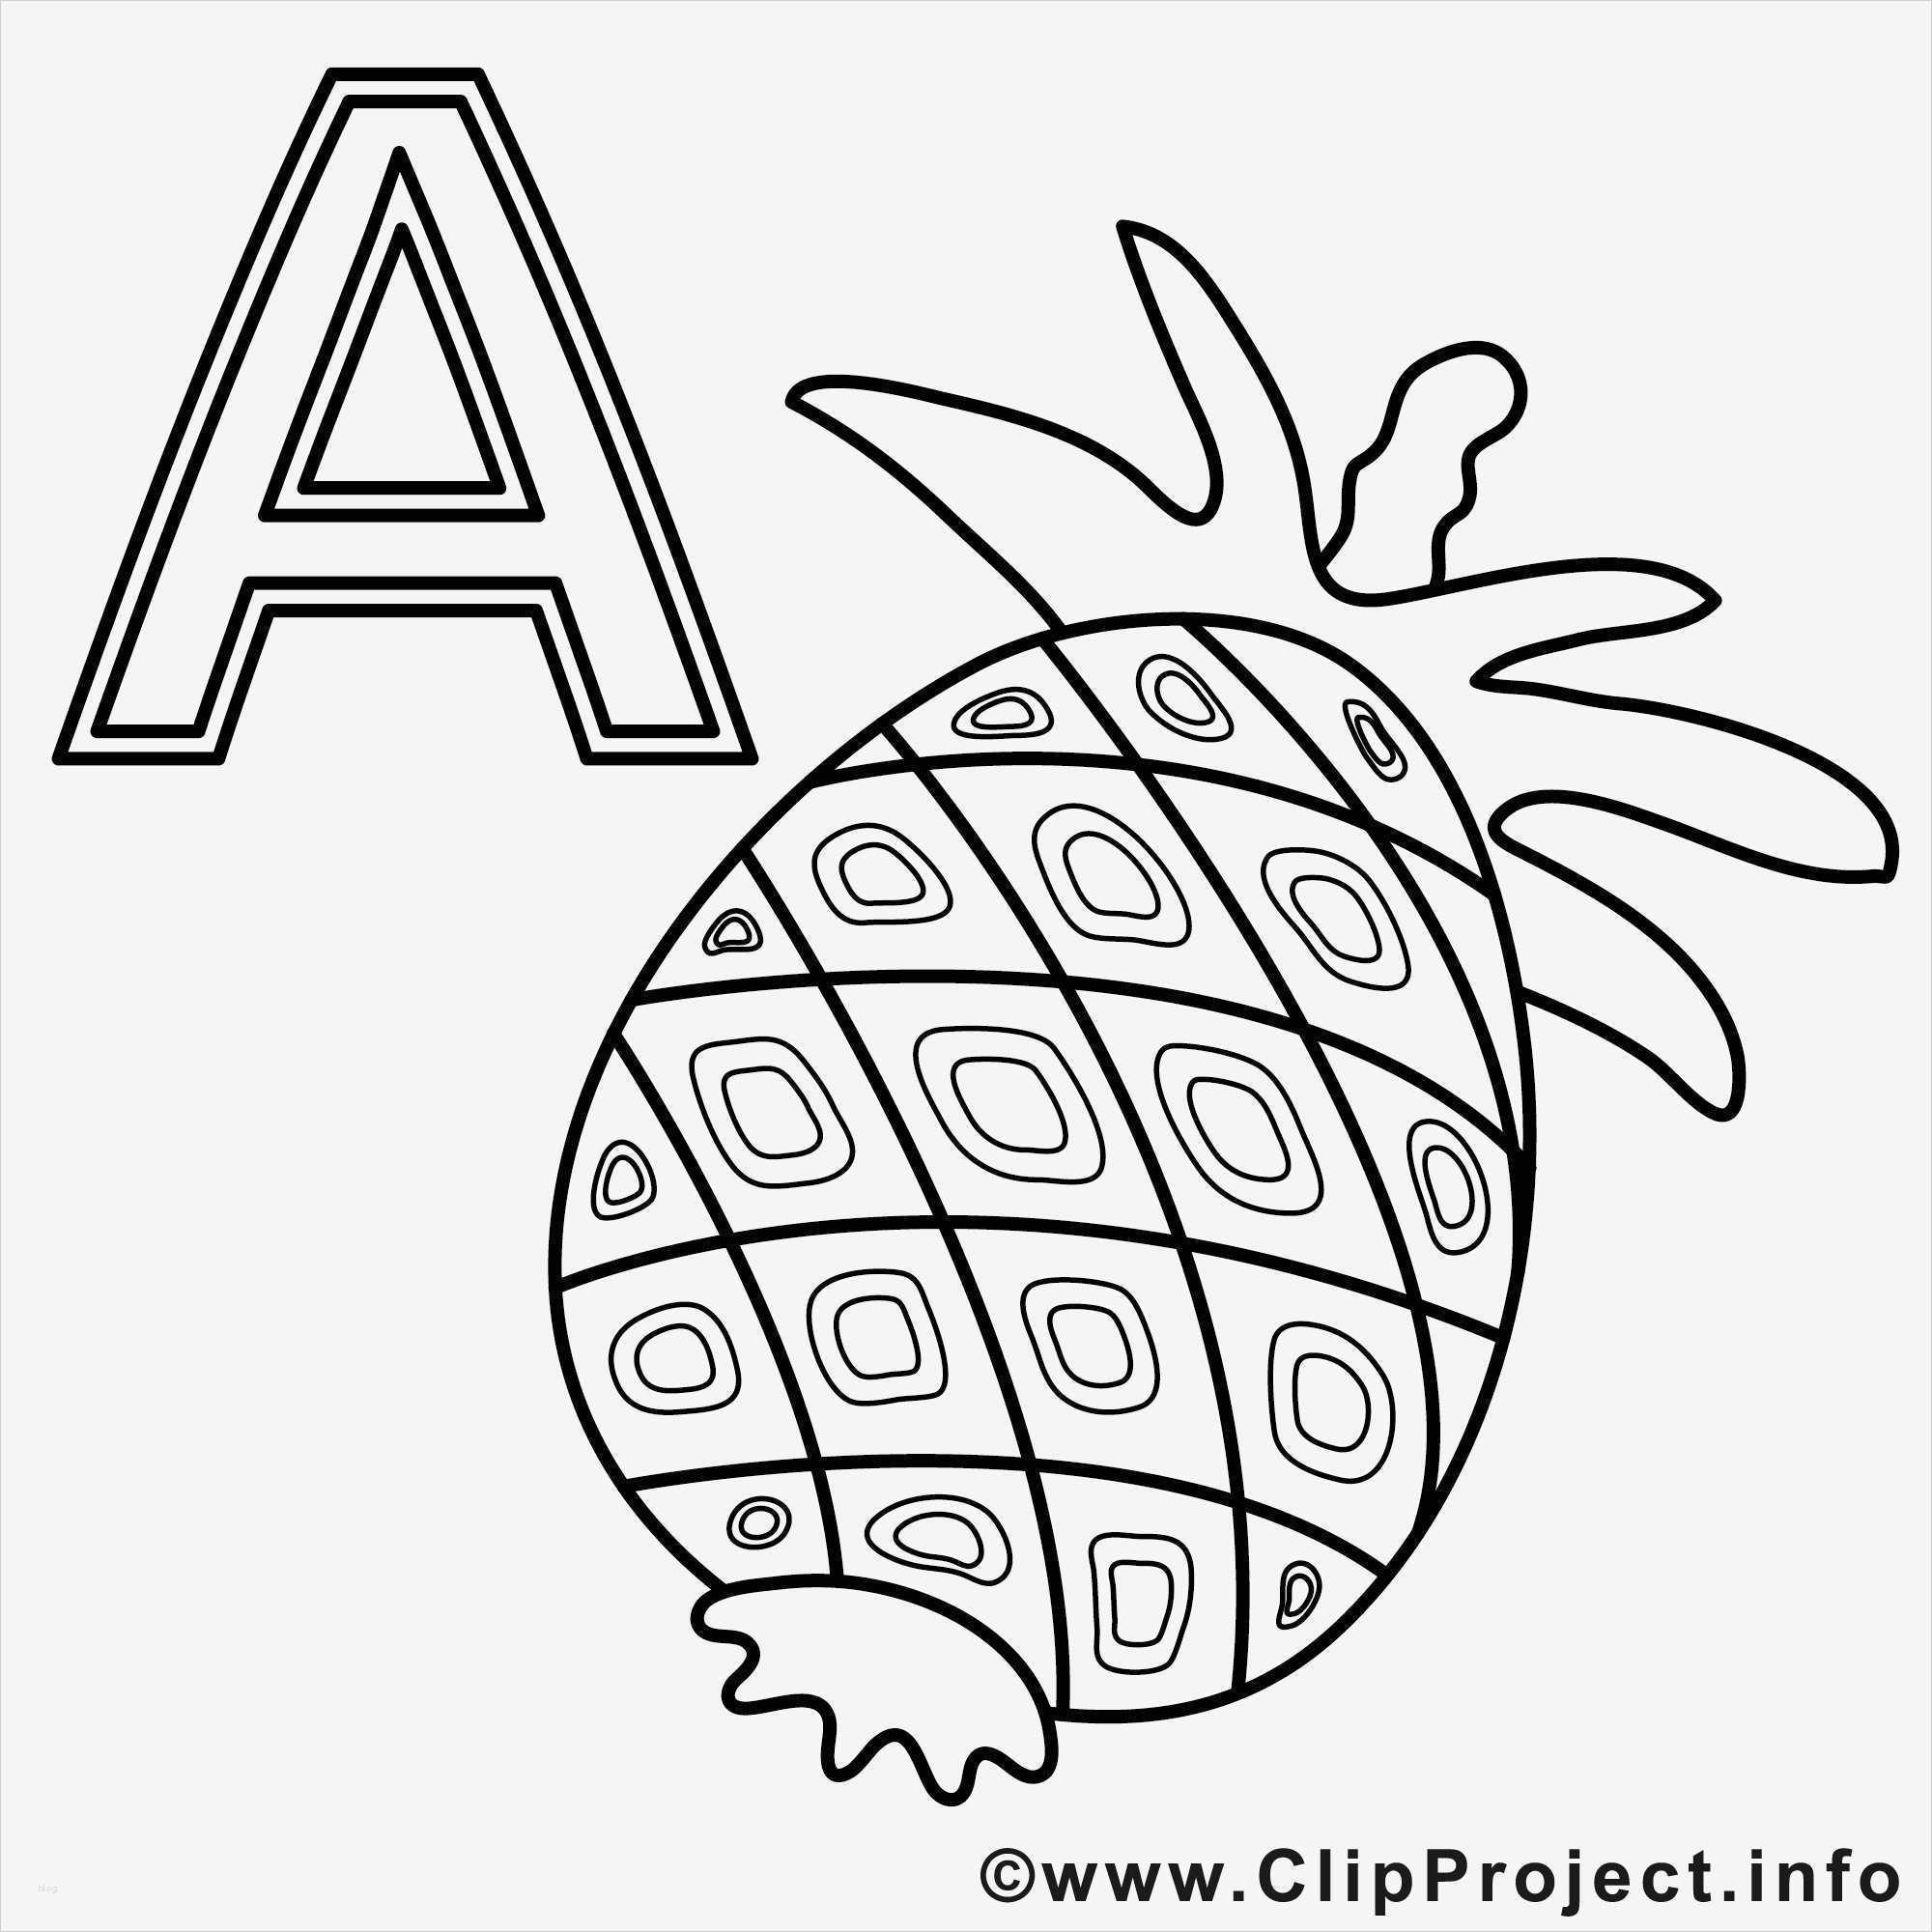 buchstaben vorlagen zum ausdrucken az cool ananas